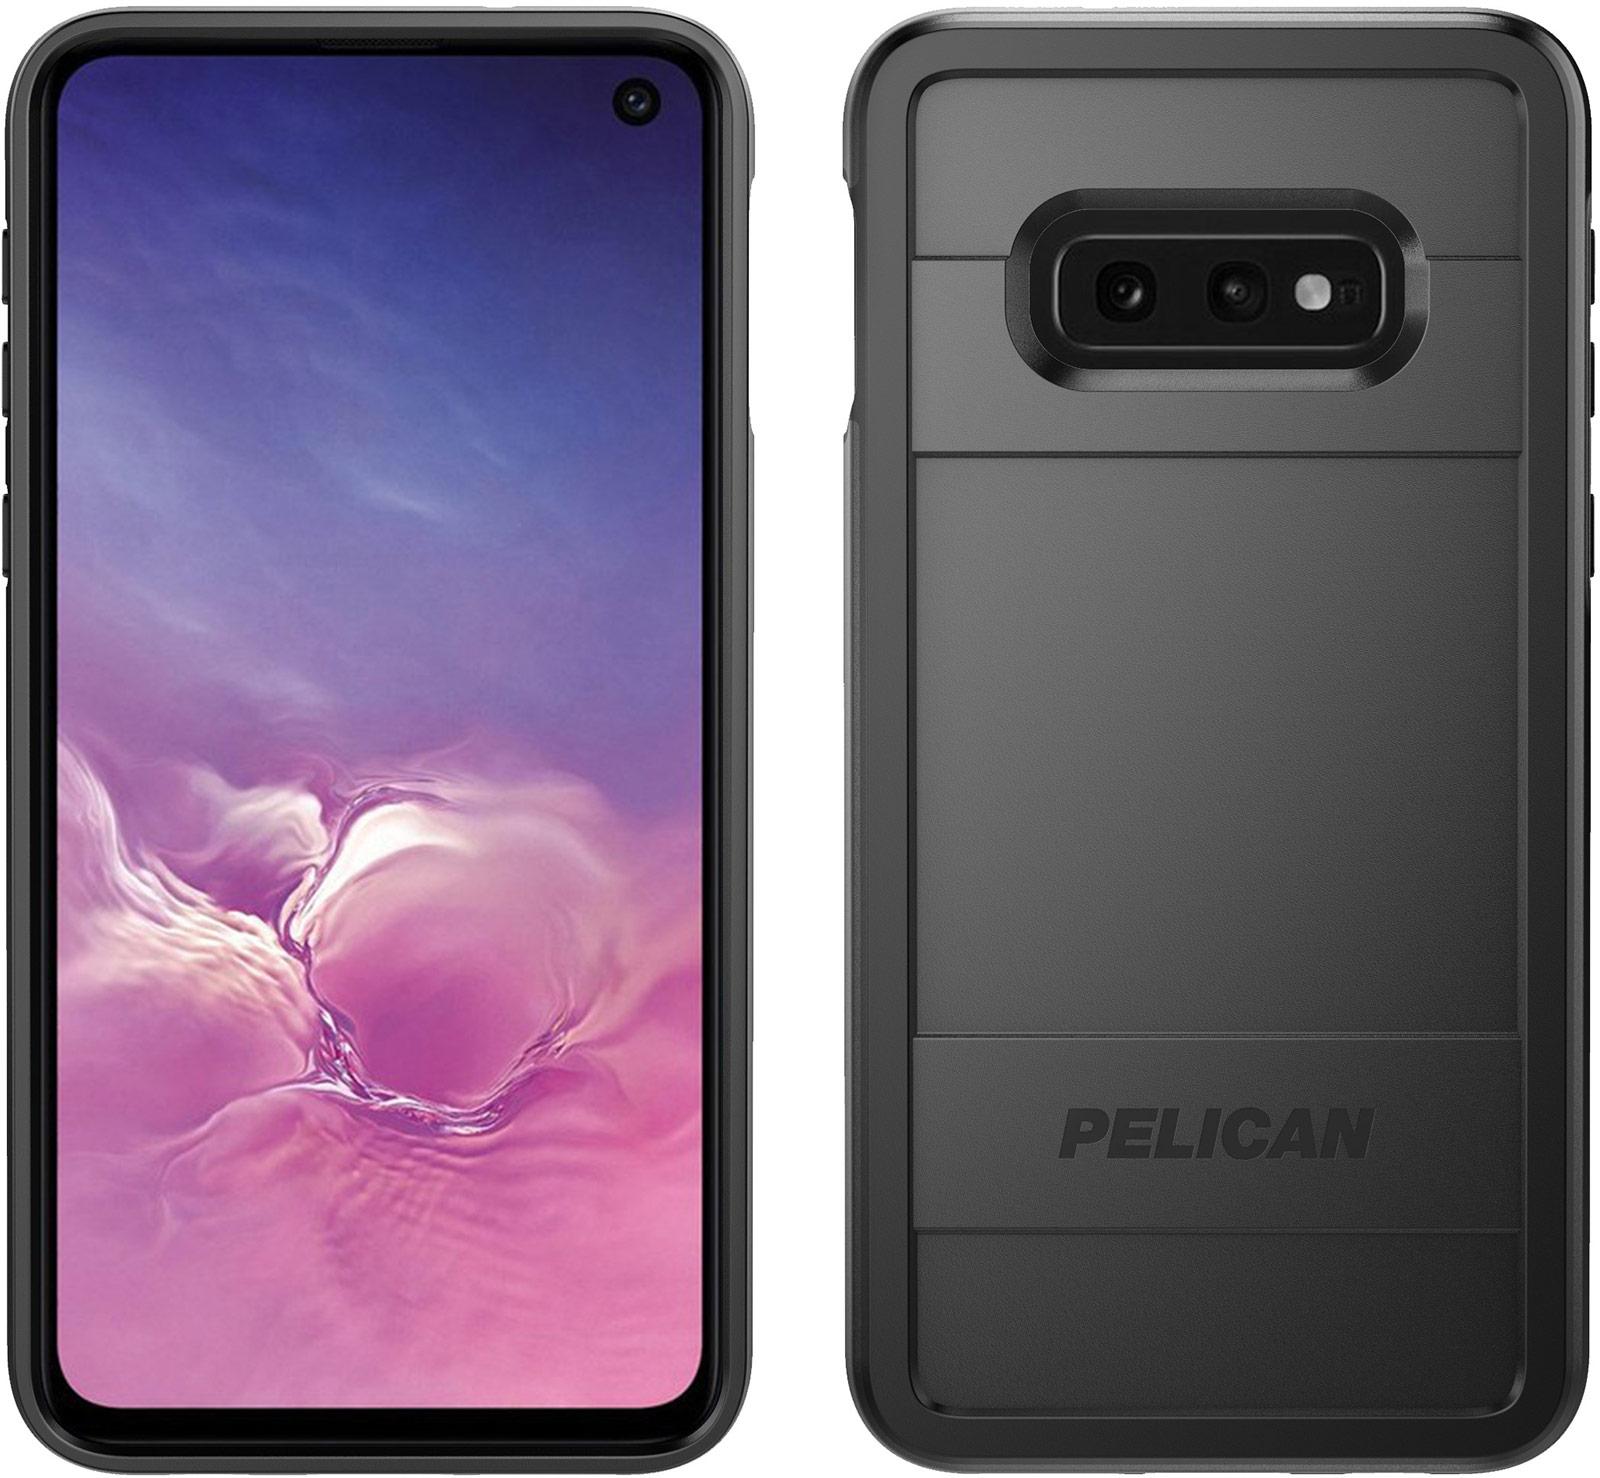 pelican samsung galaxy s10e protector phone case